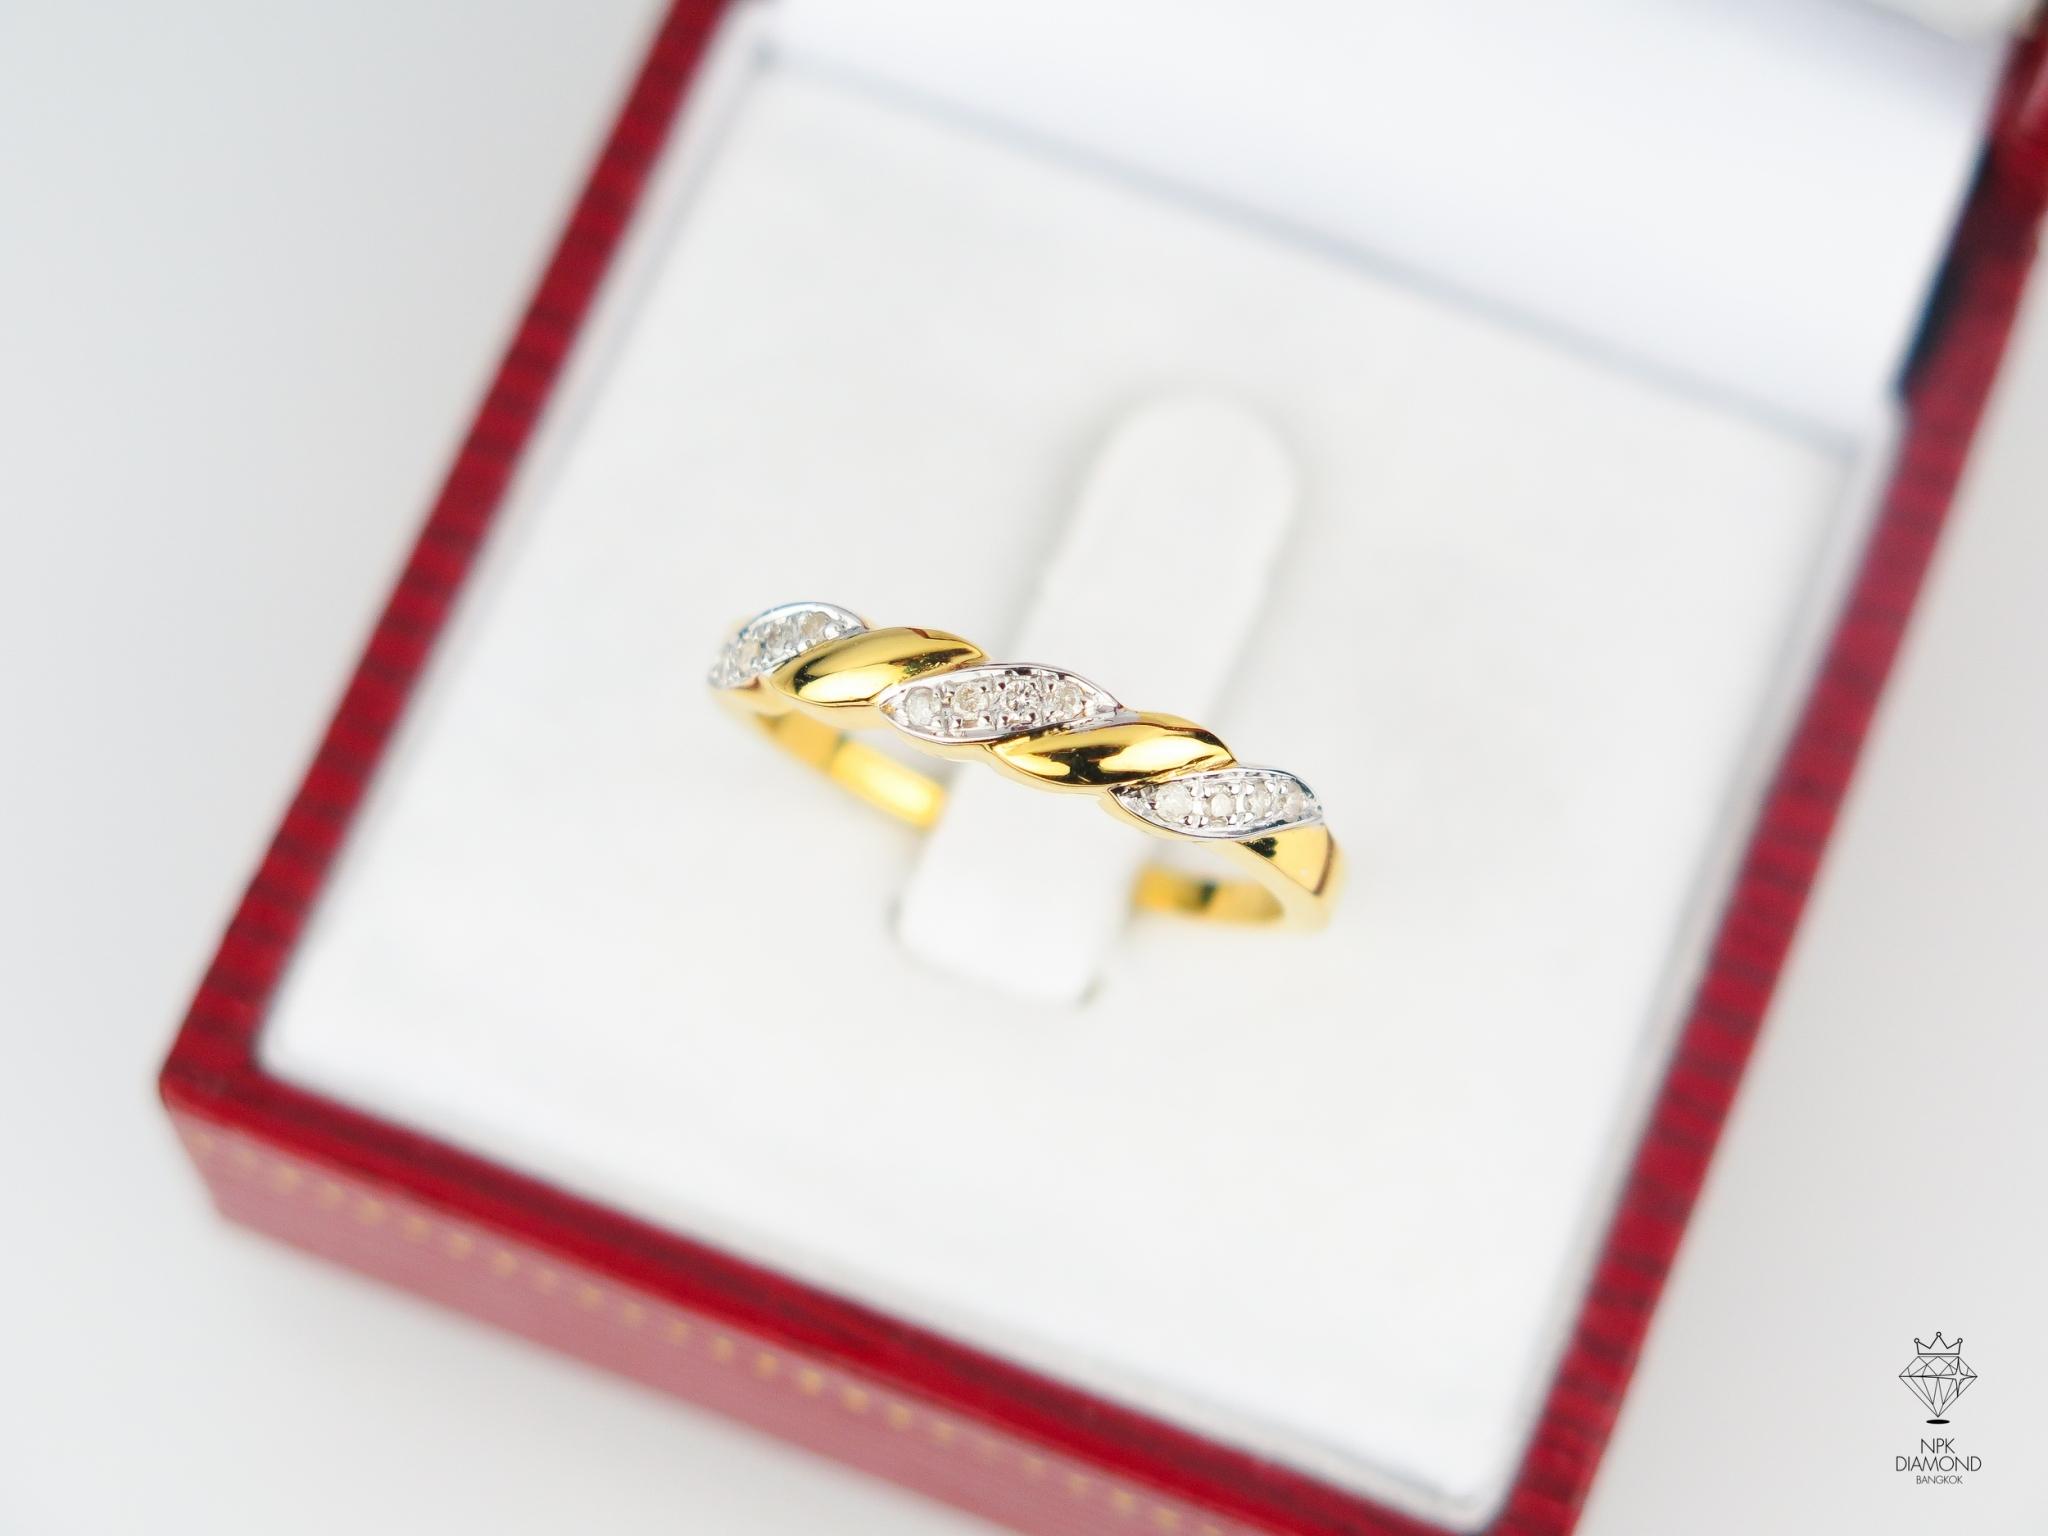 แหวน 9K เม็ดข้าวเพชรเม็ดข้าวทอง